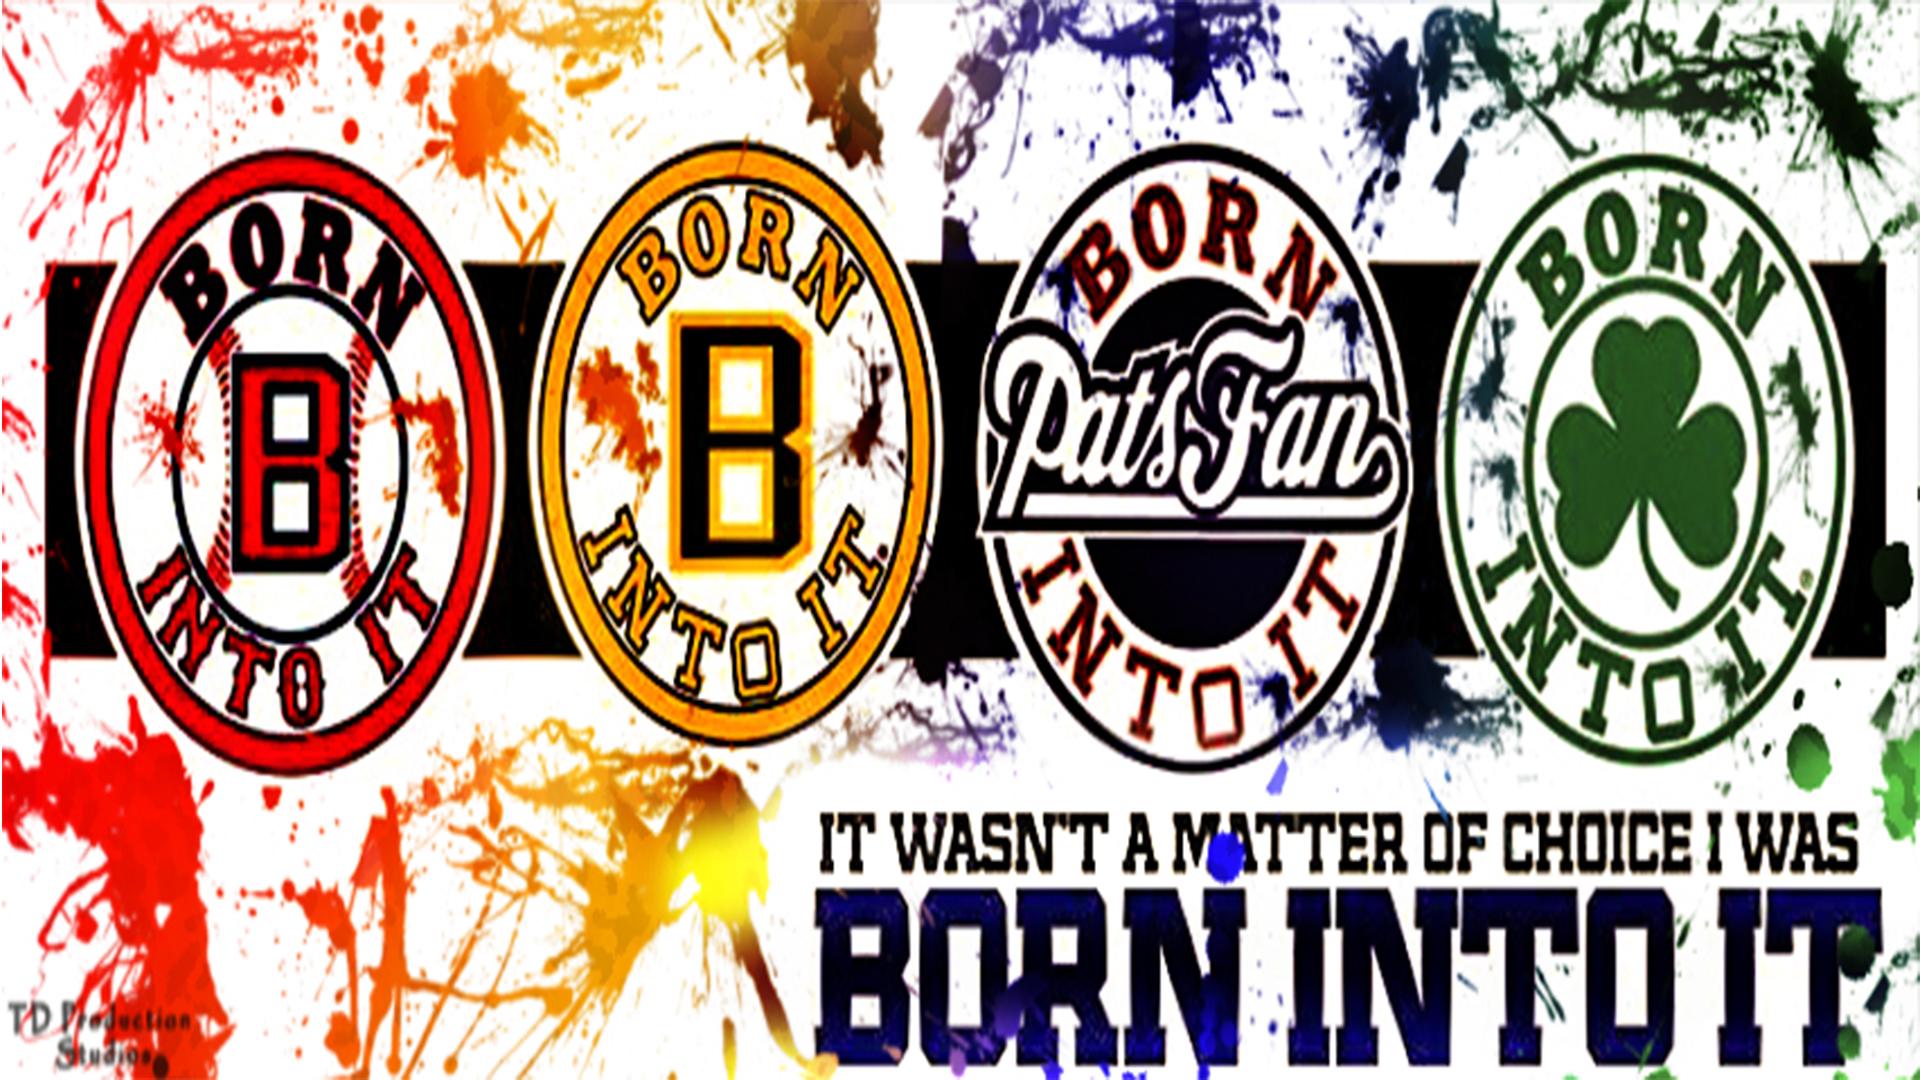 Boston Sports Teams Wallpaper 1920x1080